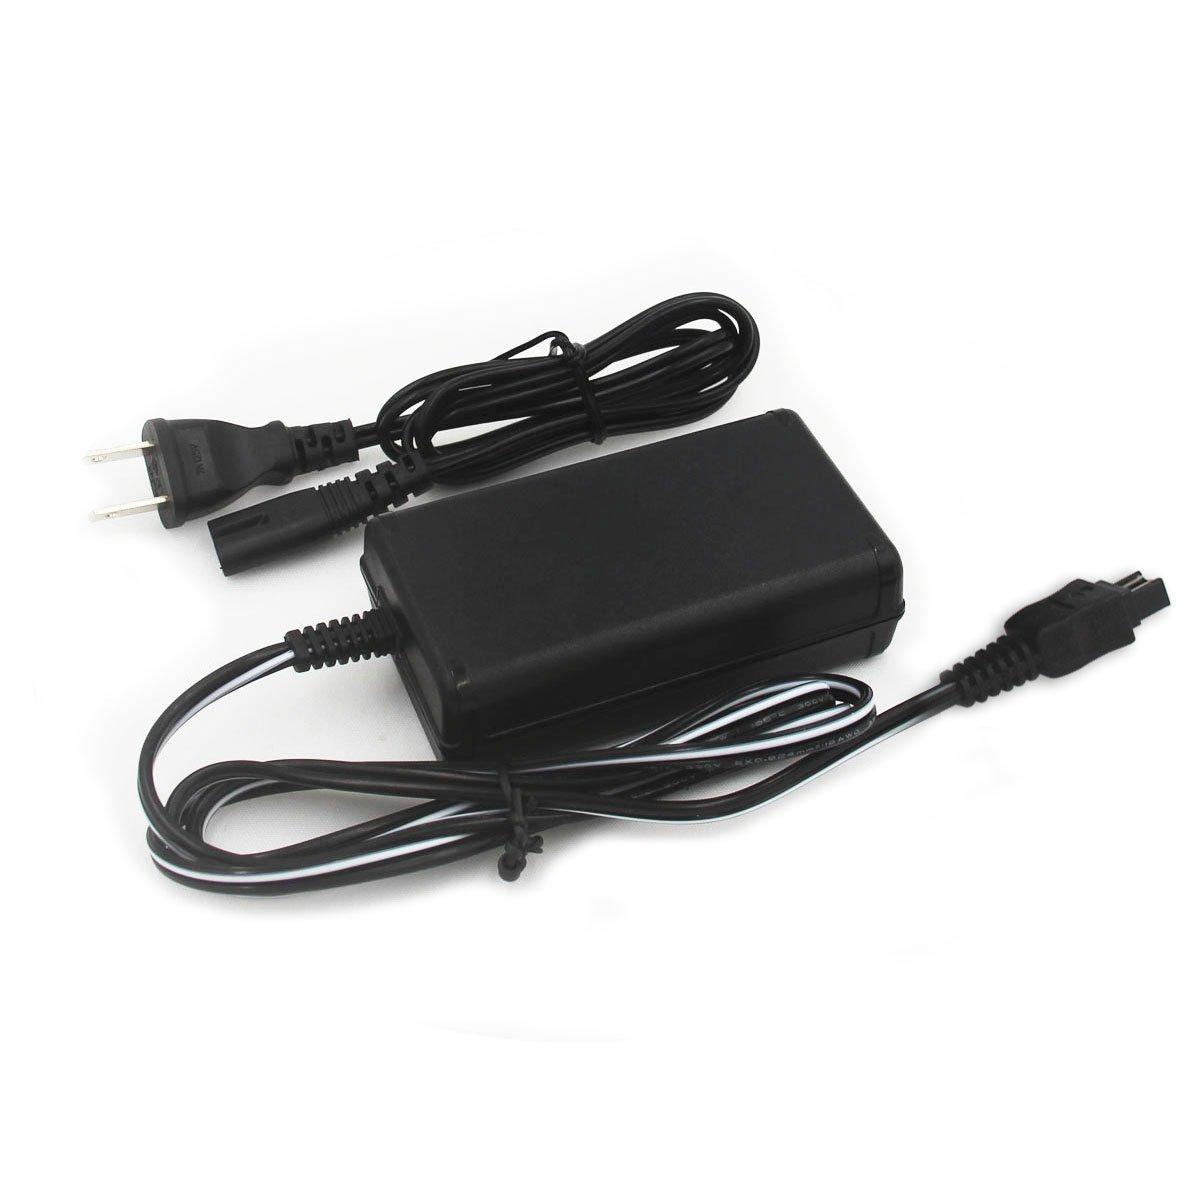 DCR-TRV120 DCR-TRV150 Handycam Camcorder DCR-TRV110 DCR-TRV130 DCR-TRV140 AC Power Adaptor Charger Compatible SONY DCR-TRV103